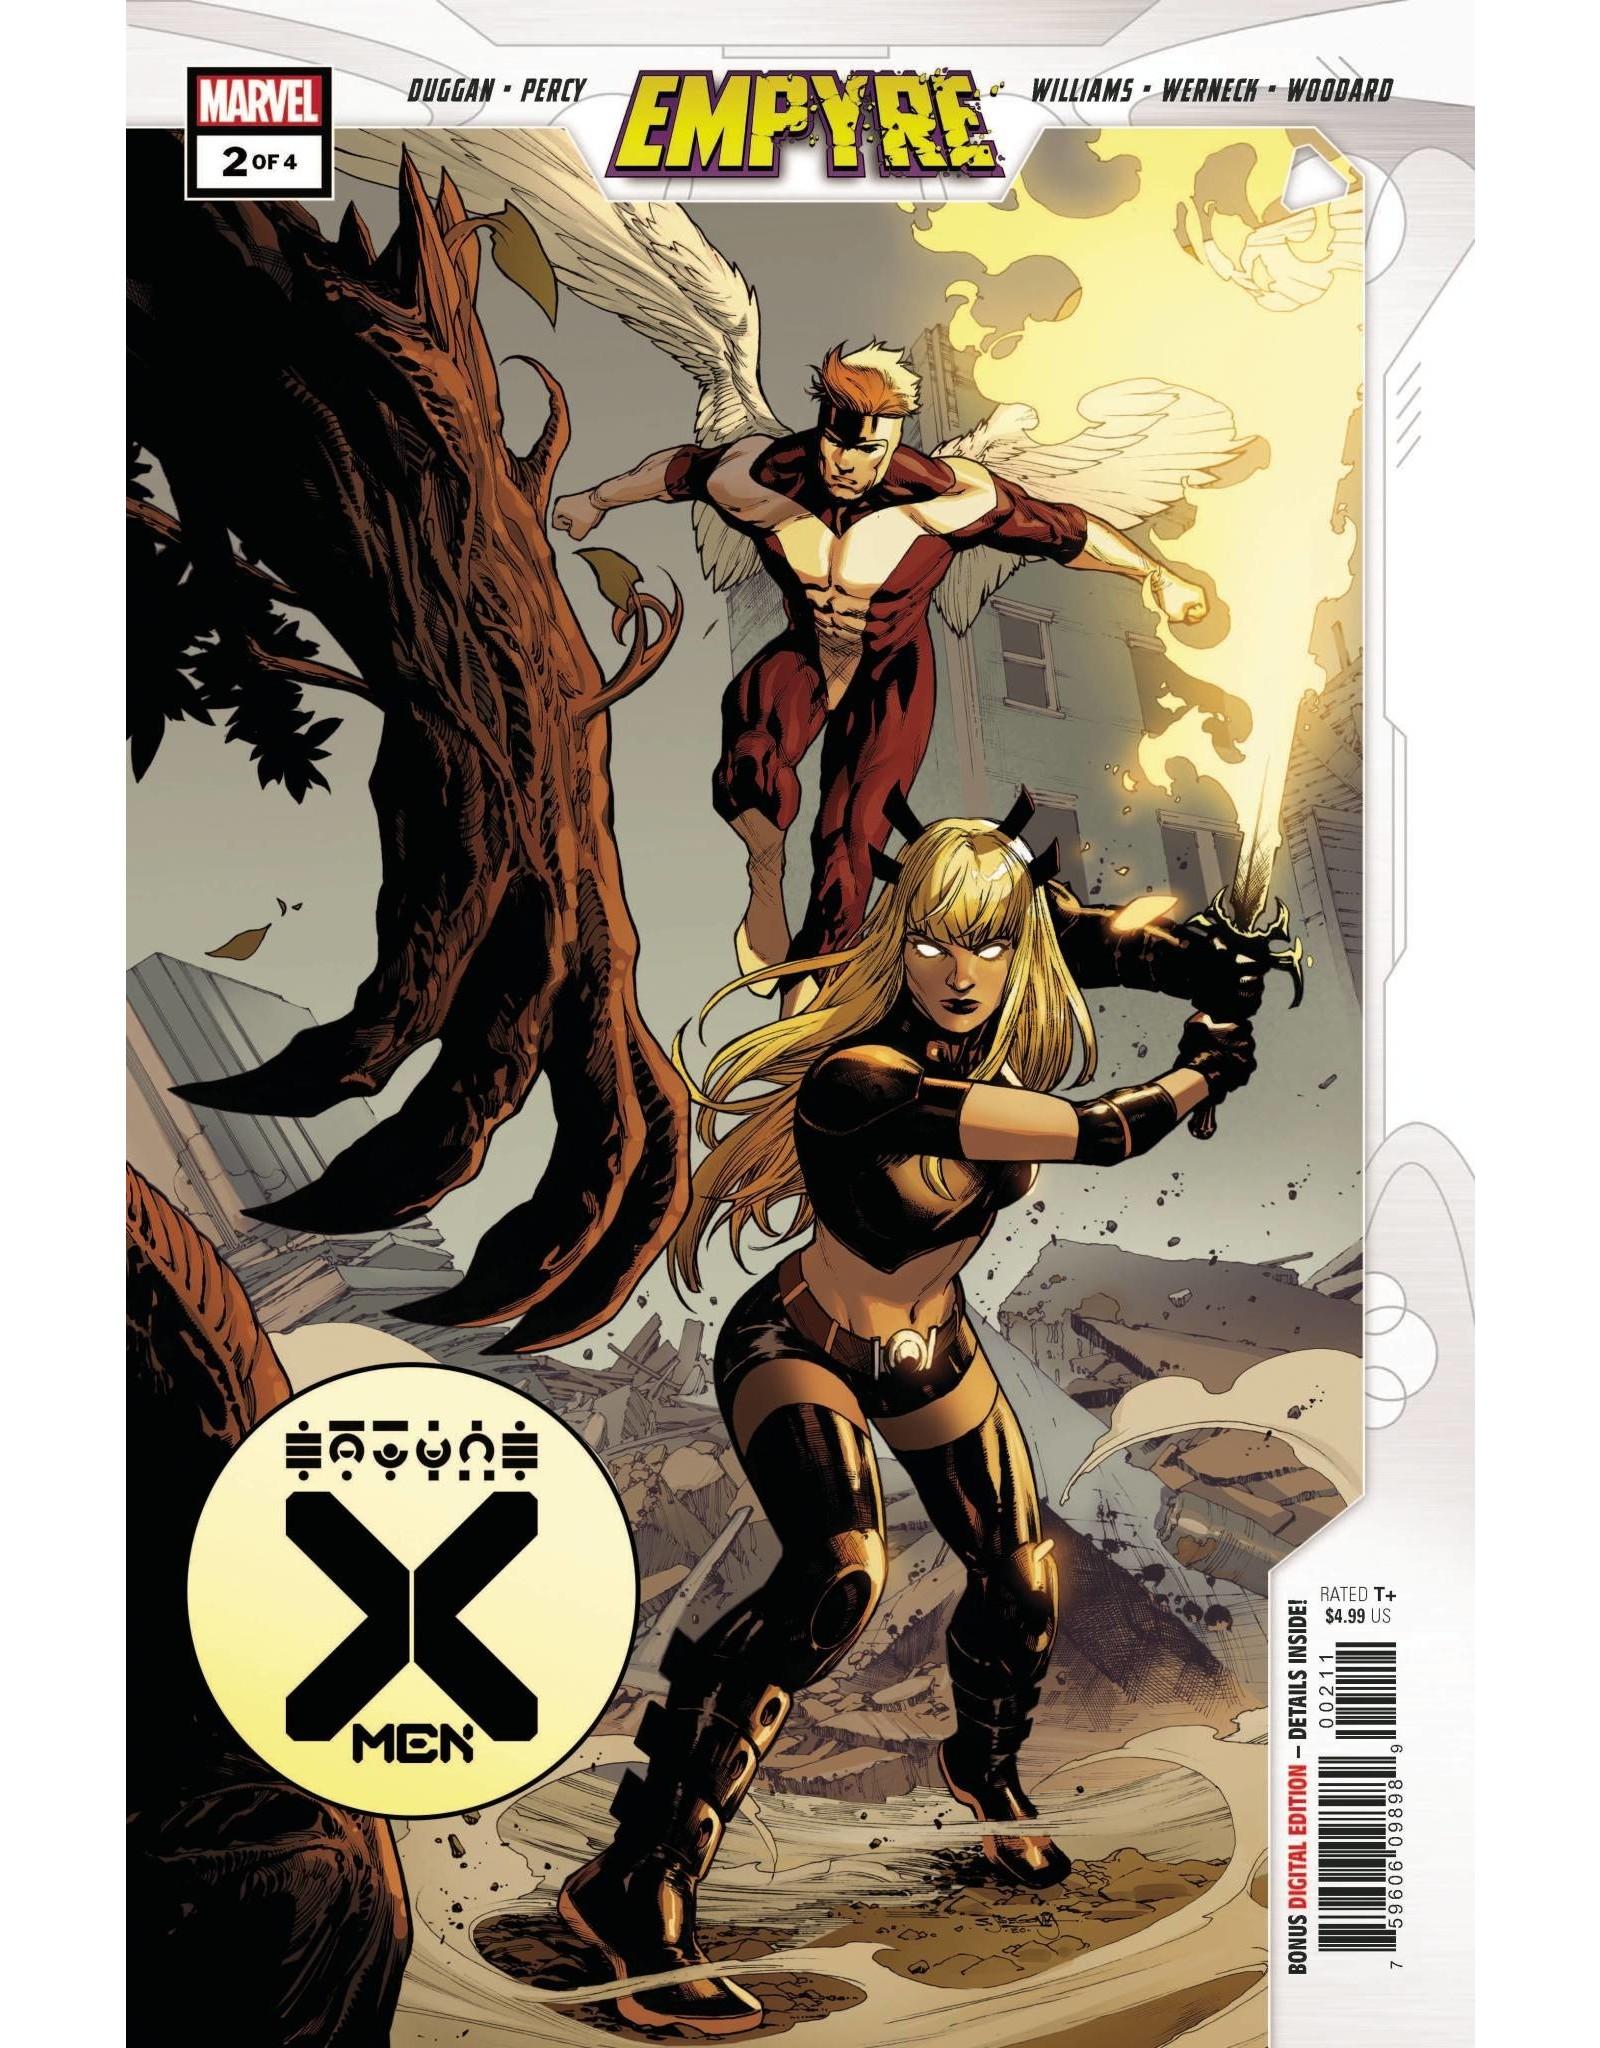 MARVEL COMICS EMPYRE X-MEN #2 (OF 4)